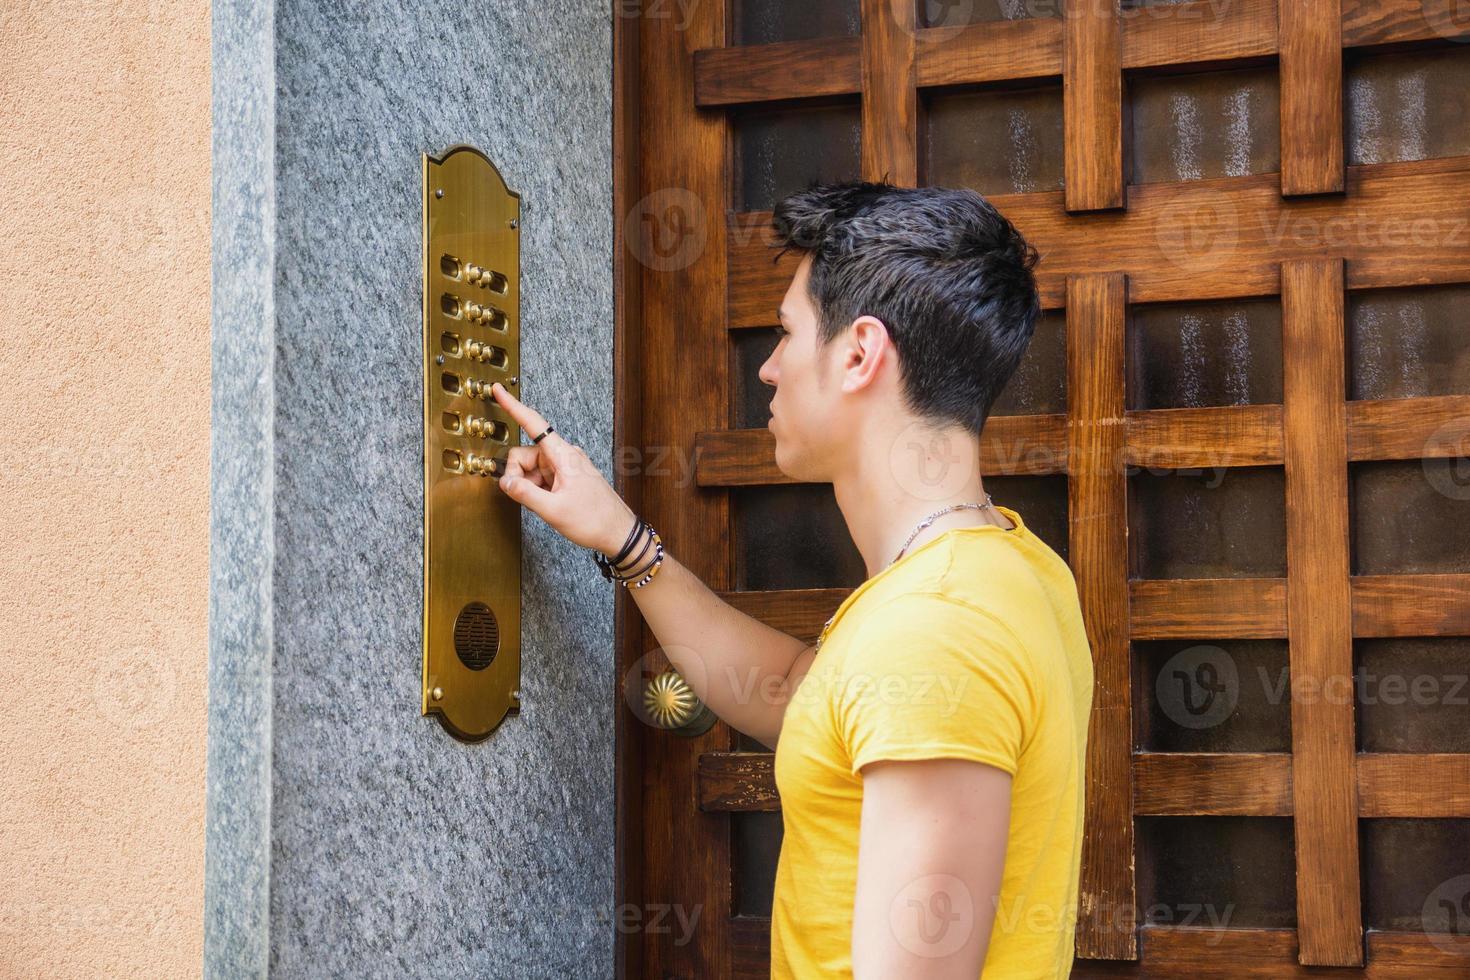 jonge man deurbel rinkelen en praten over de luidspreker foto